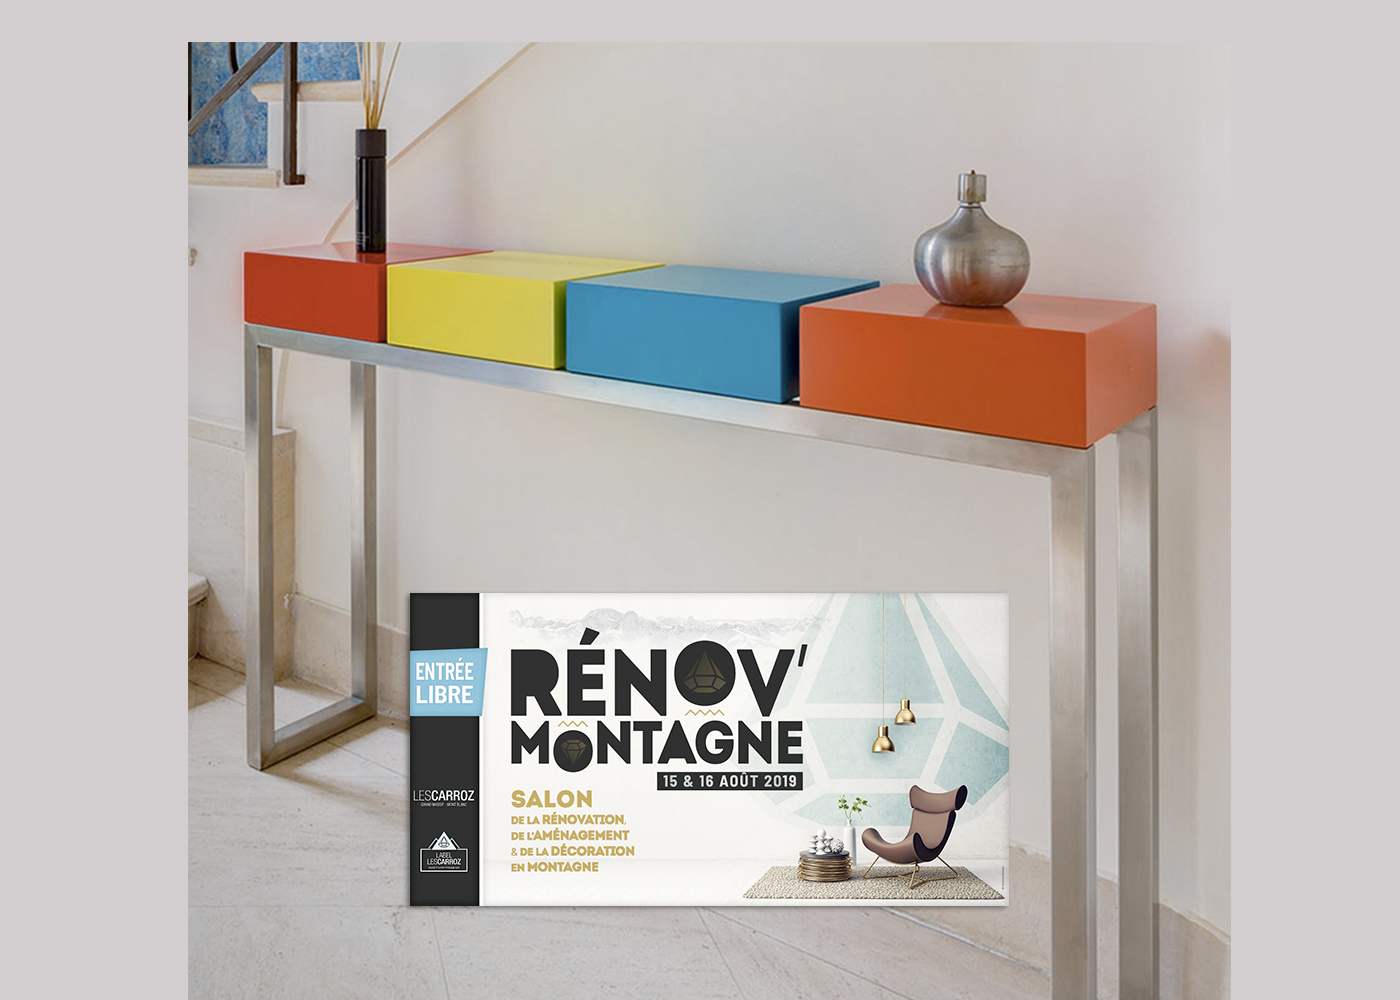 Mobilier contemporain design Les PIeds Sur La Table créateur et fabricant expose au Salon de la Décoration en Montagne Les Carroz proche Genève et Chamonix